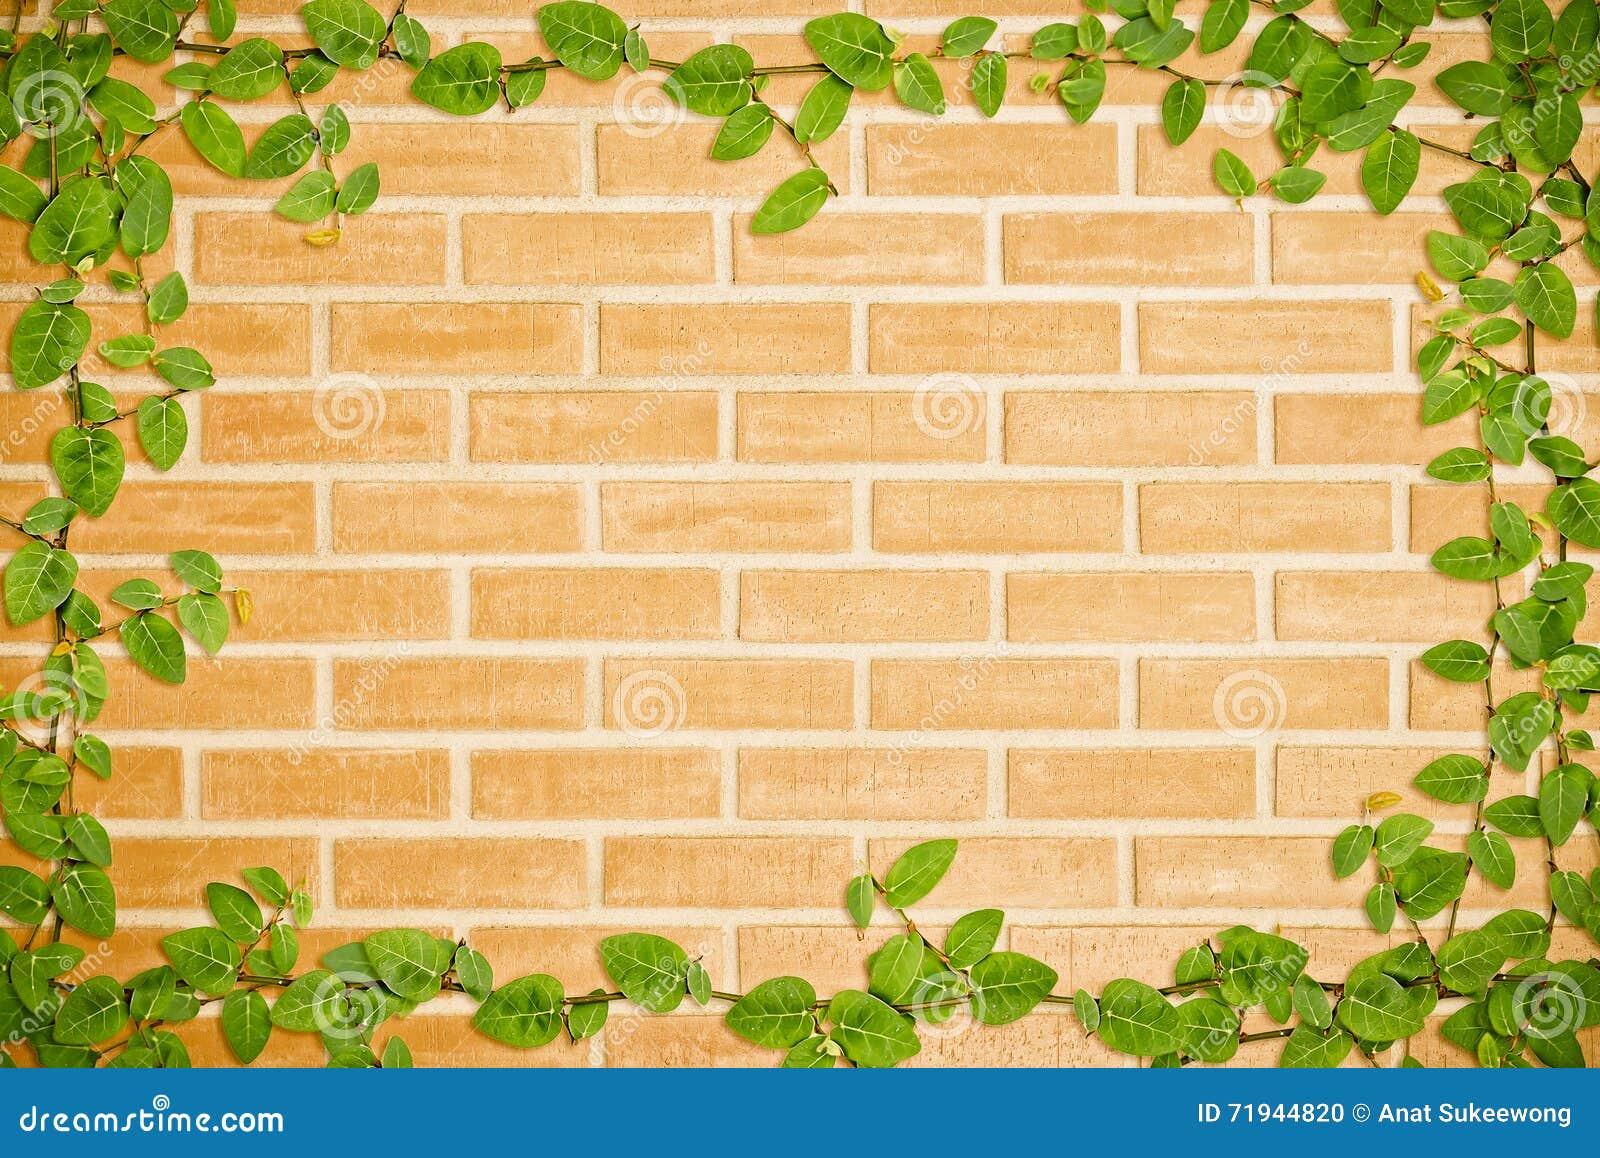 Зеленый плющ на стене